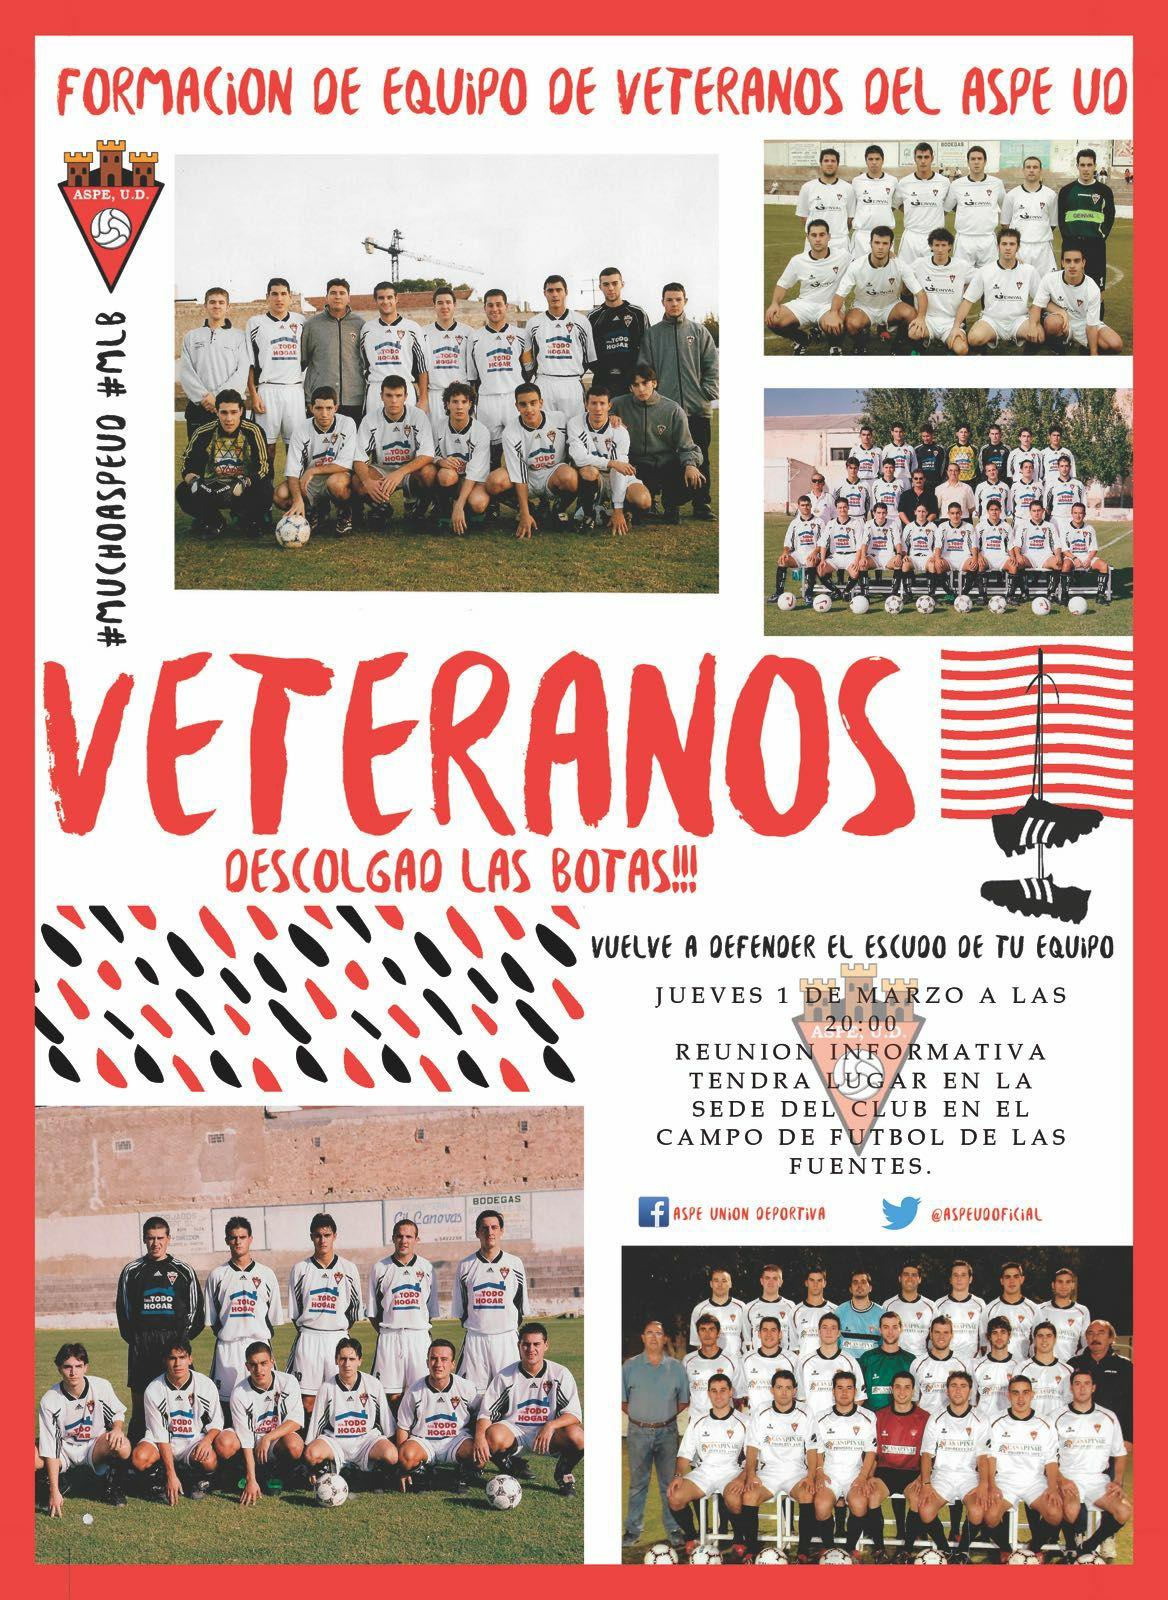 Únete al equipo de veteranos del Aspe Unión Deportiva